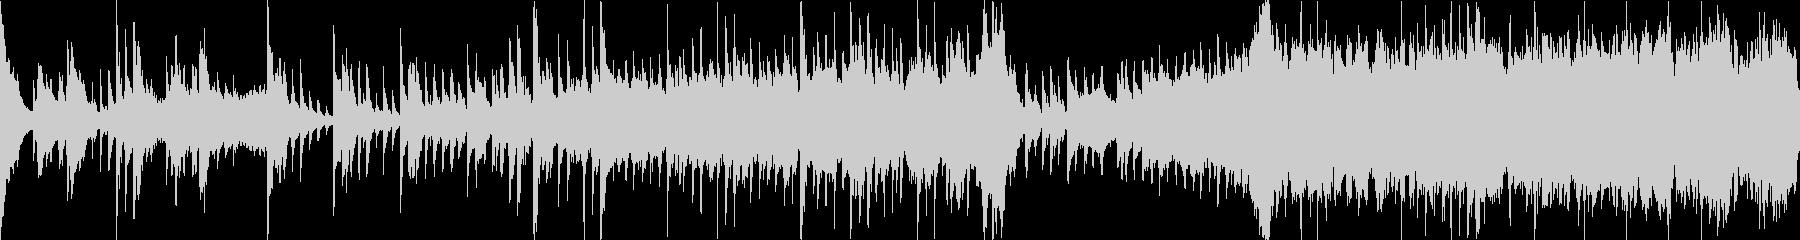 和の雰囲気/感動的なオーケストラ/ループの未再生の波形